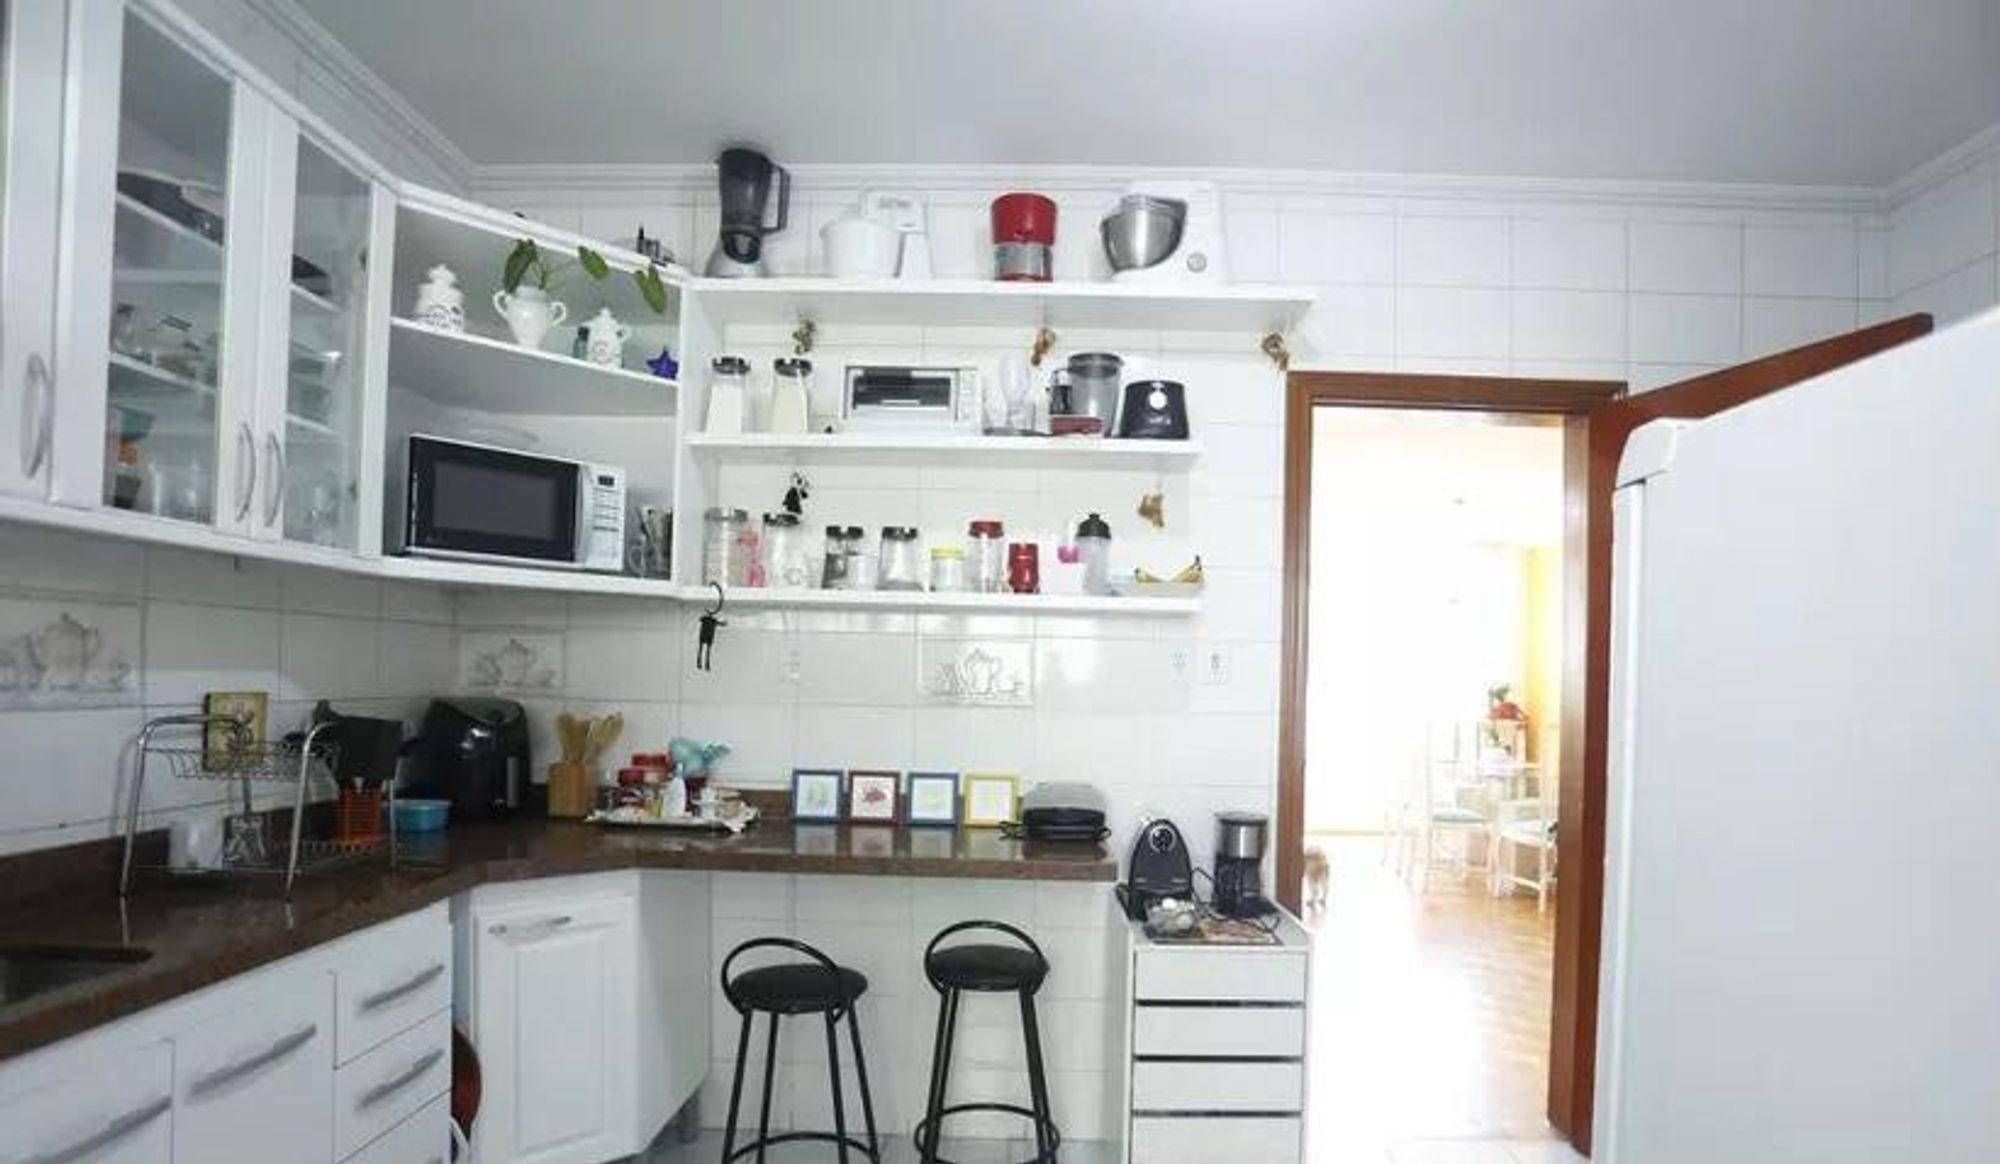 Foto de Cozinha com cadeira, microondas, garrafa